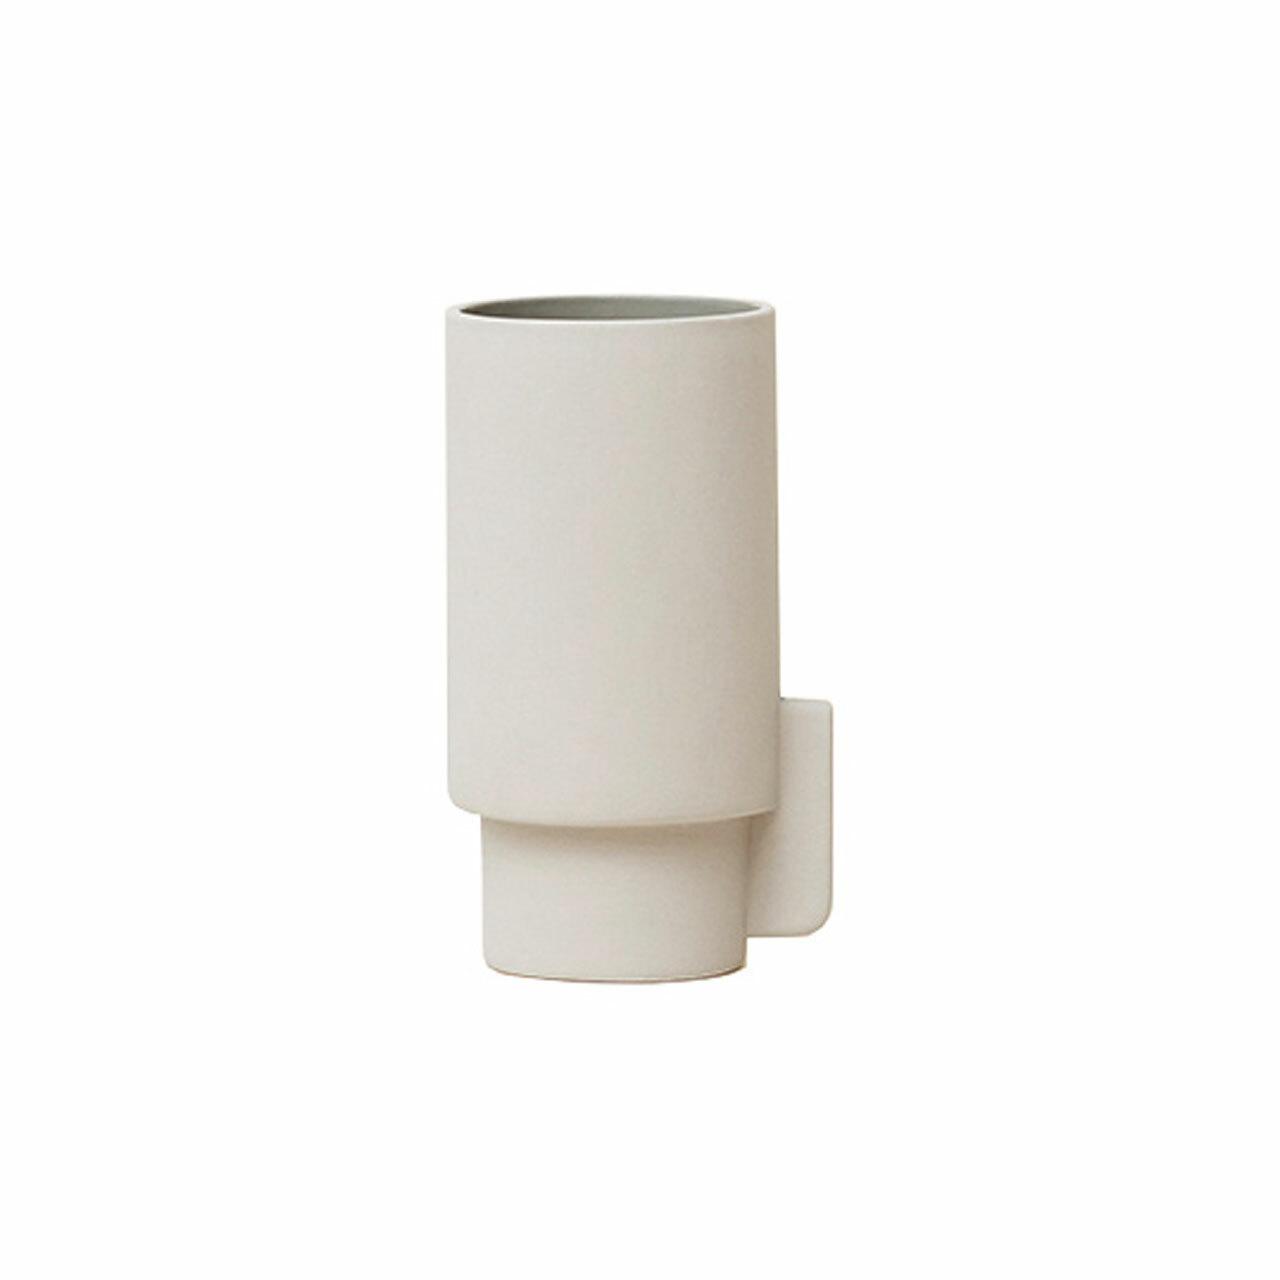 Formandrefine Alcoa Vase